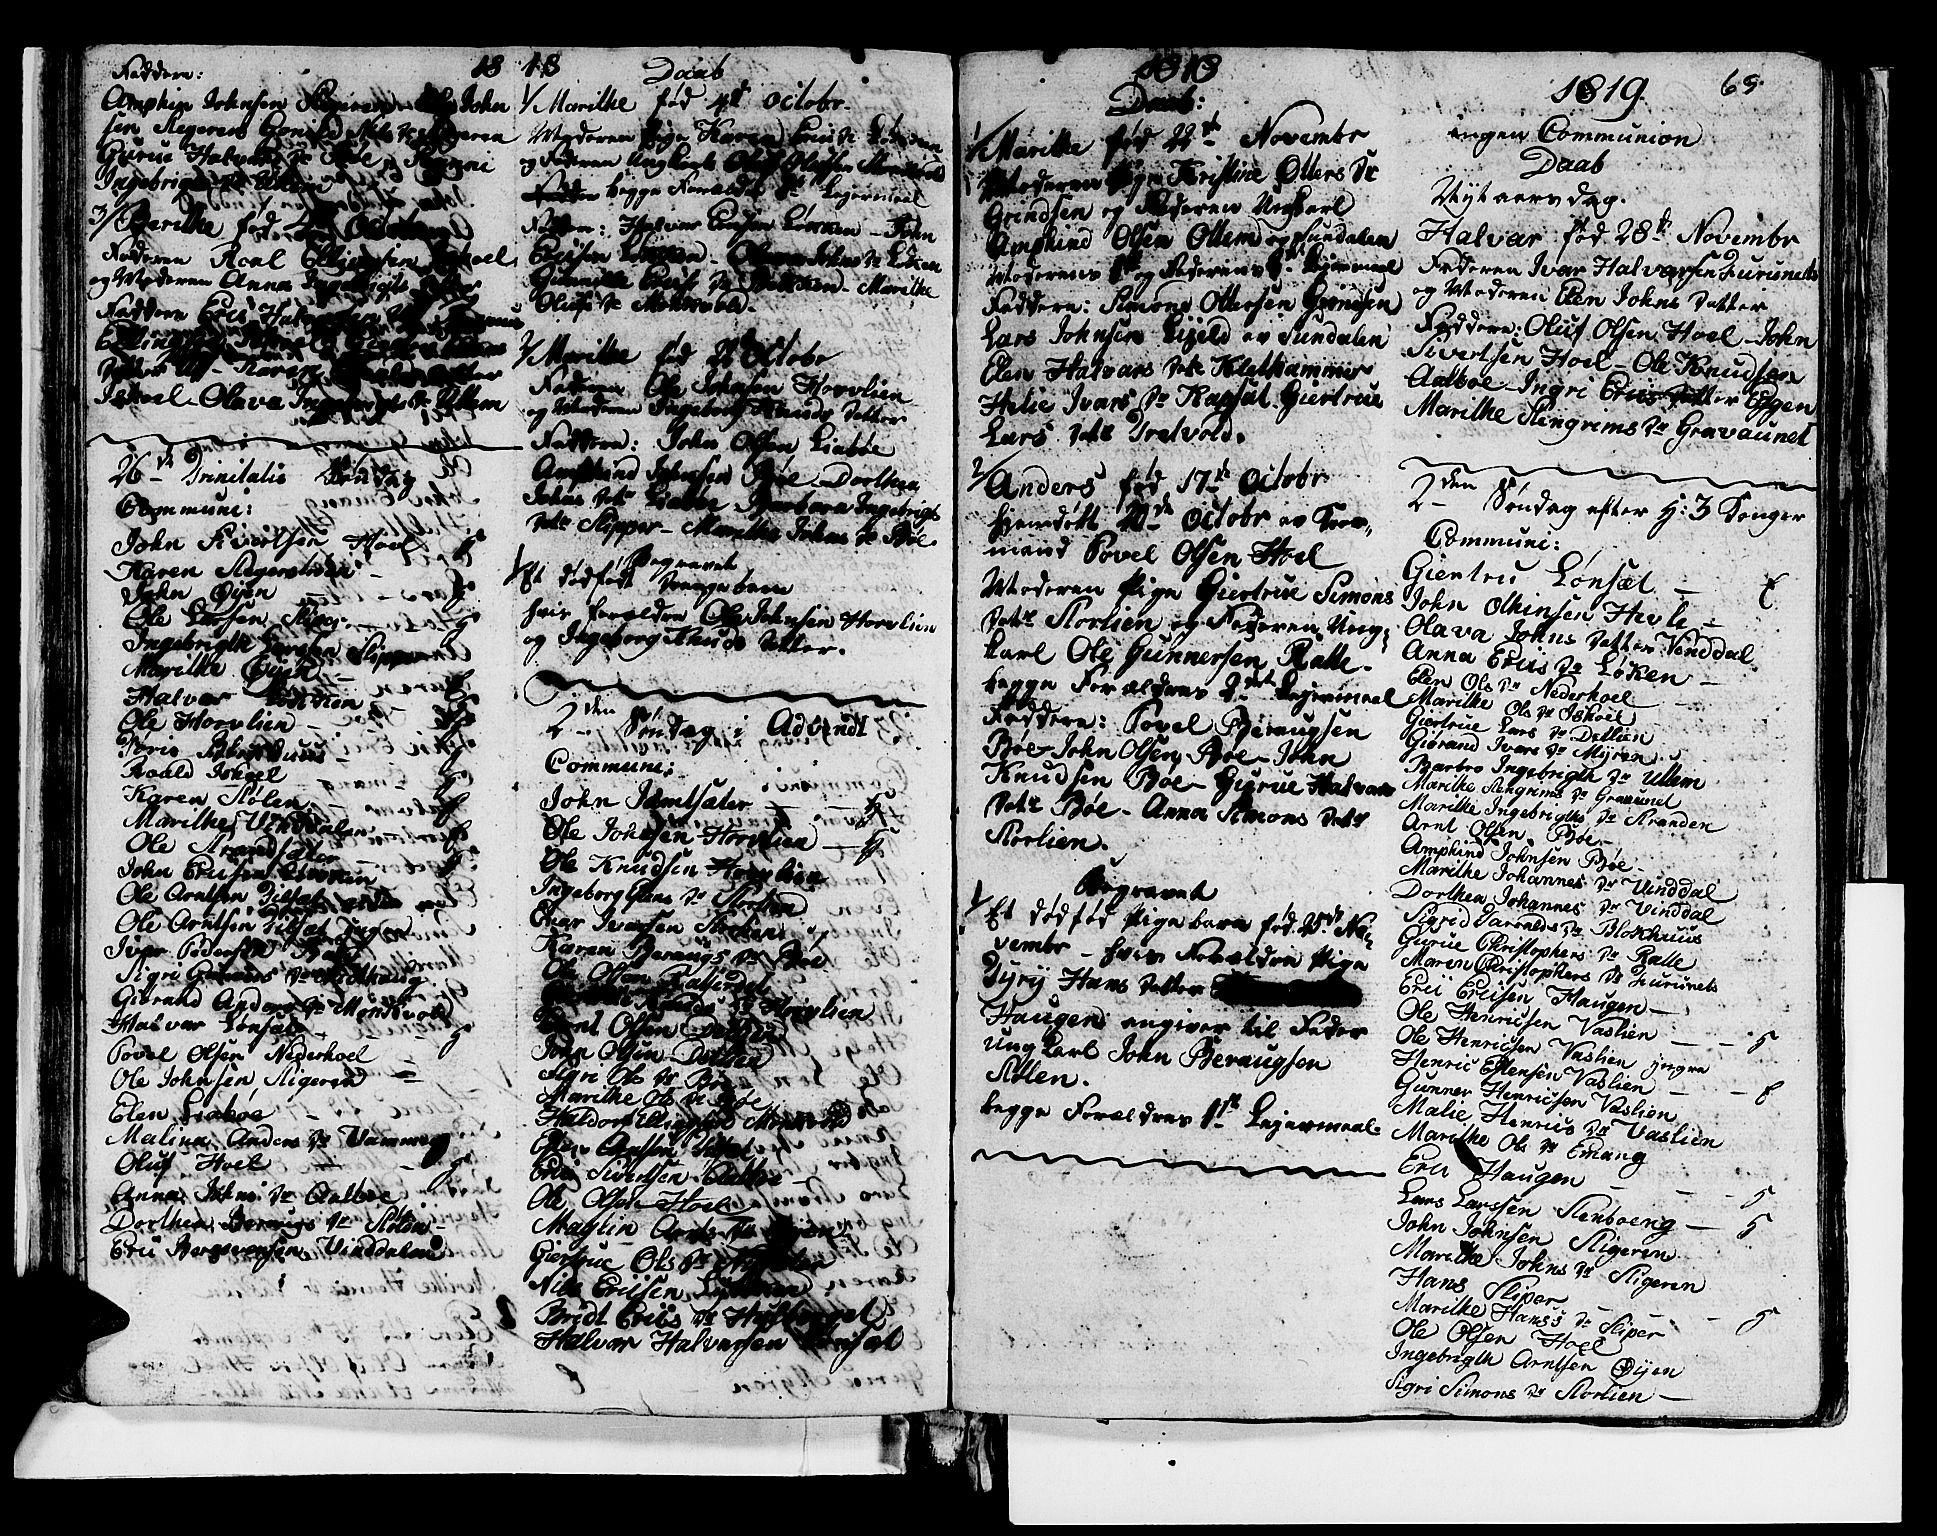 SAT, Ministerialprotokoller, klokkerbøker og fødselsregistre - Sør-Trøndelag, 679/L0921: Klokkerbok nr. 679C01, 1792-1840, s. 69